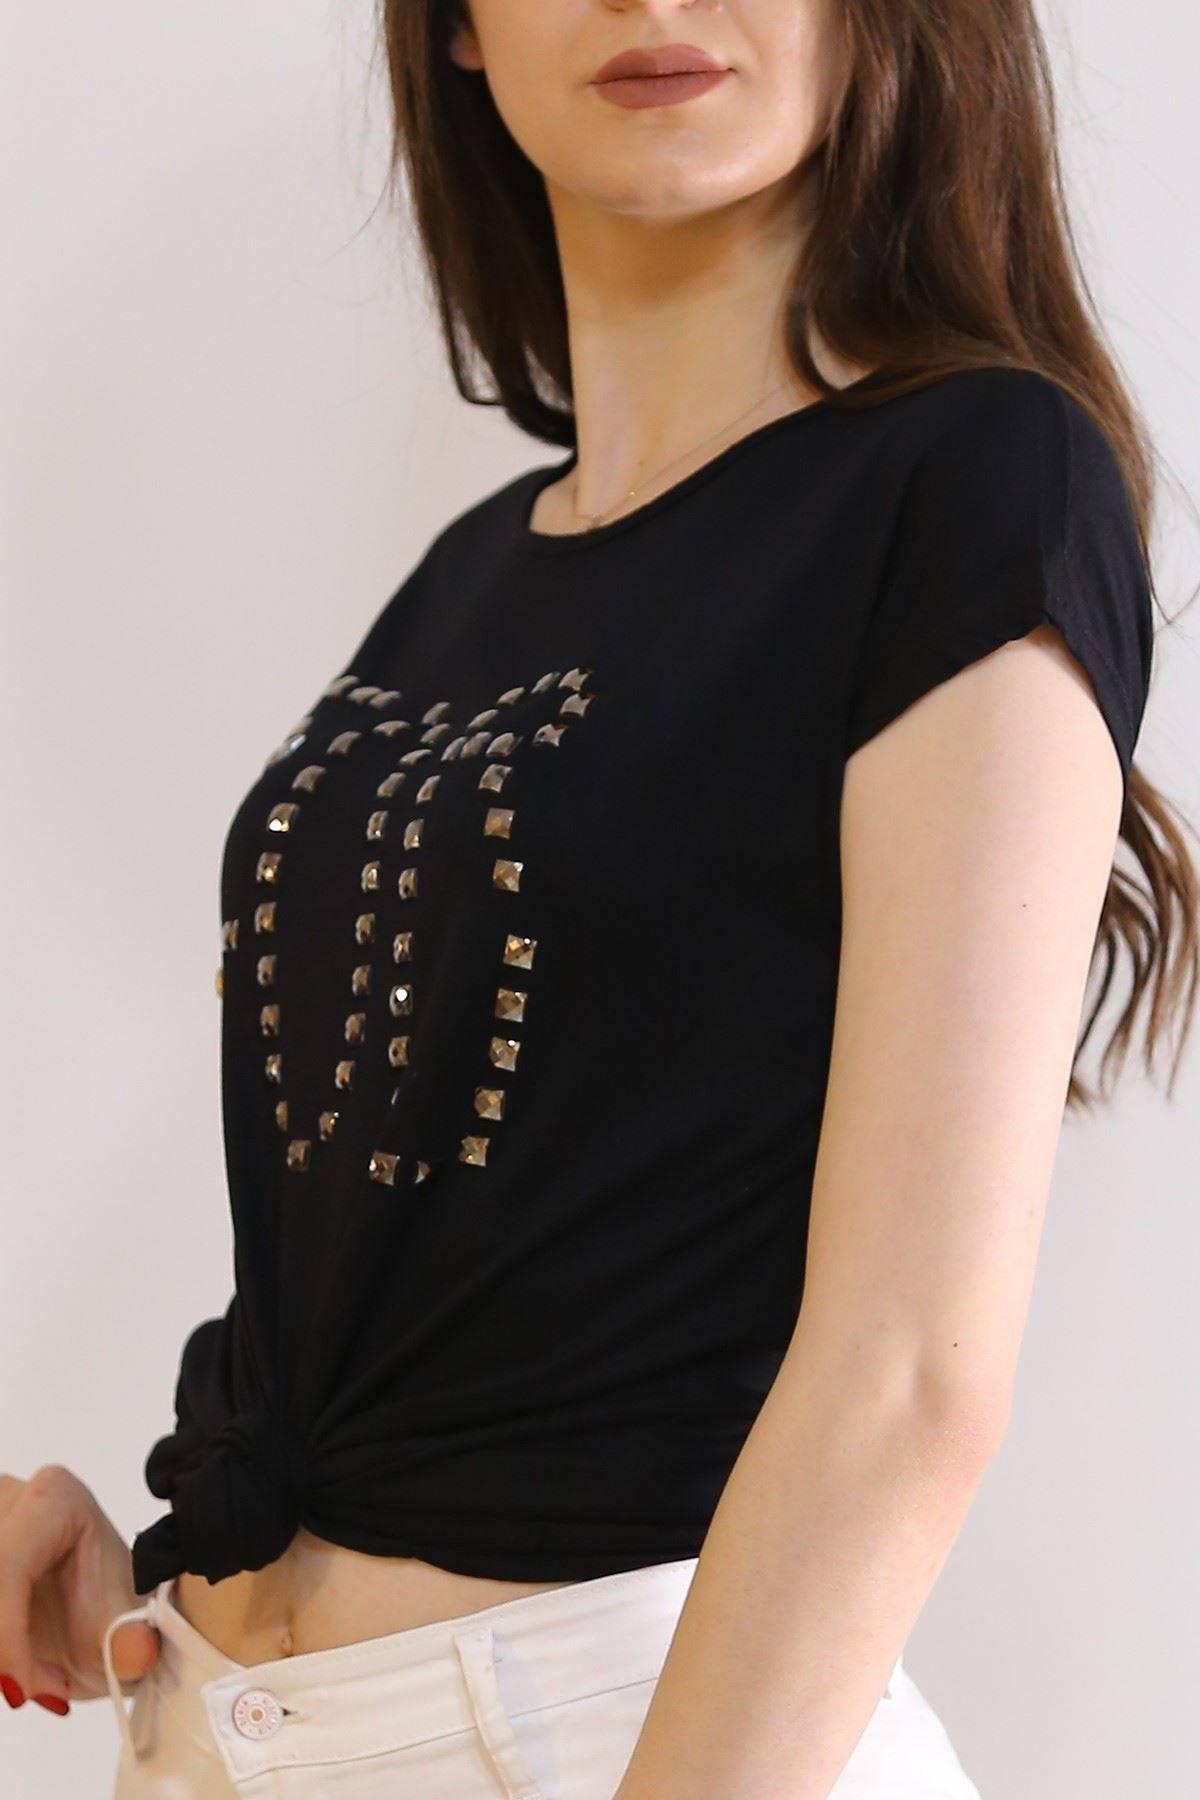 Taş İşlemeli Tişört Siyah - 6005.139.